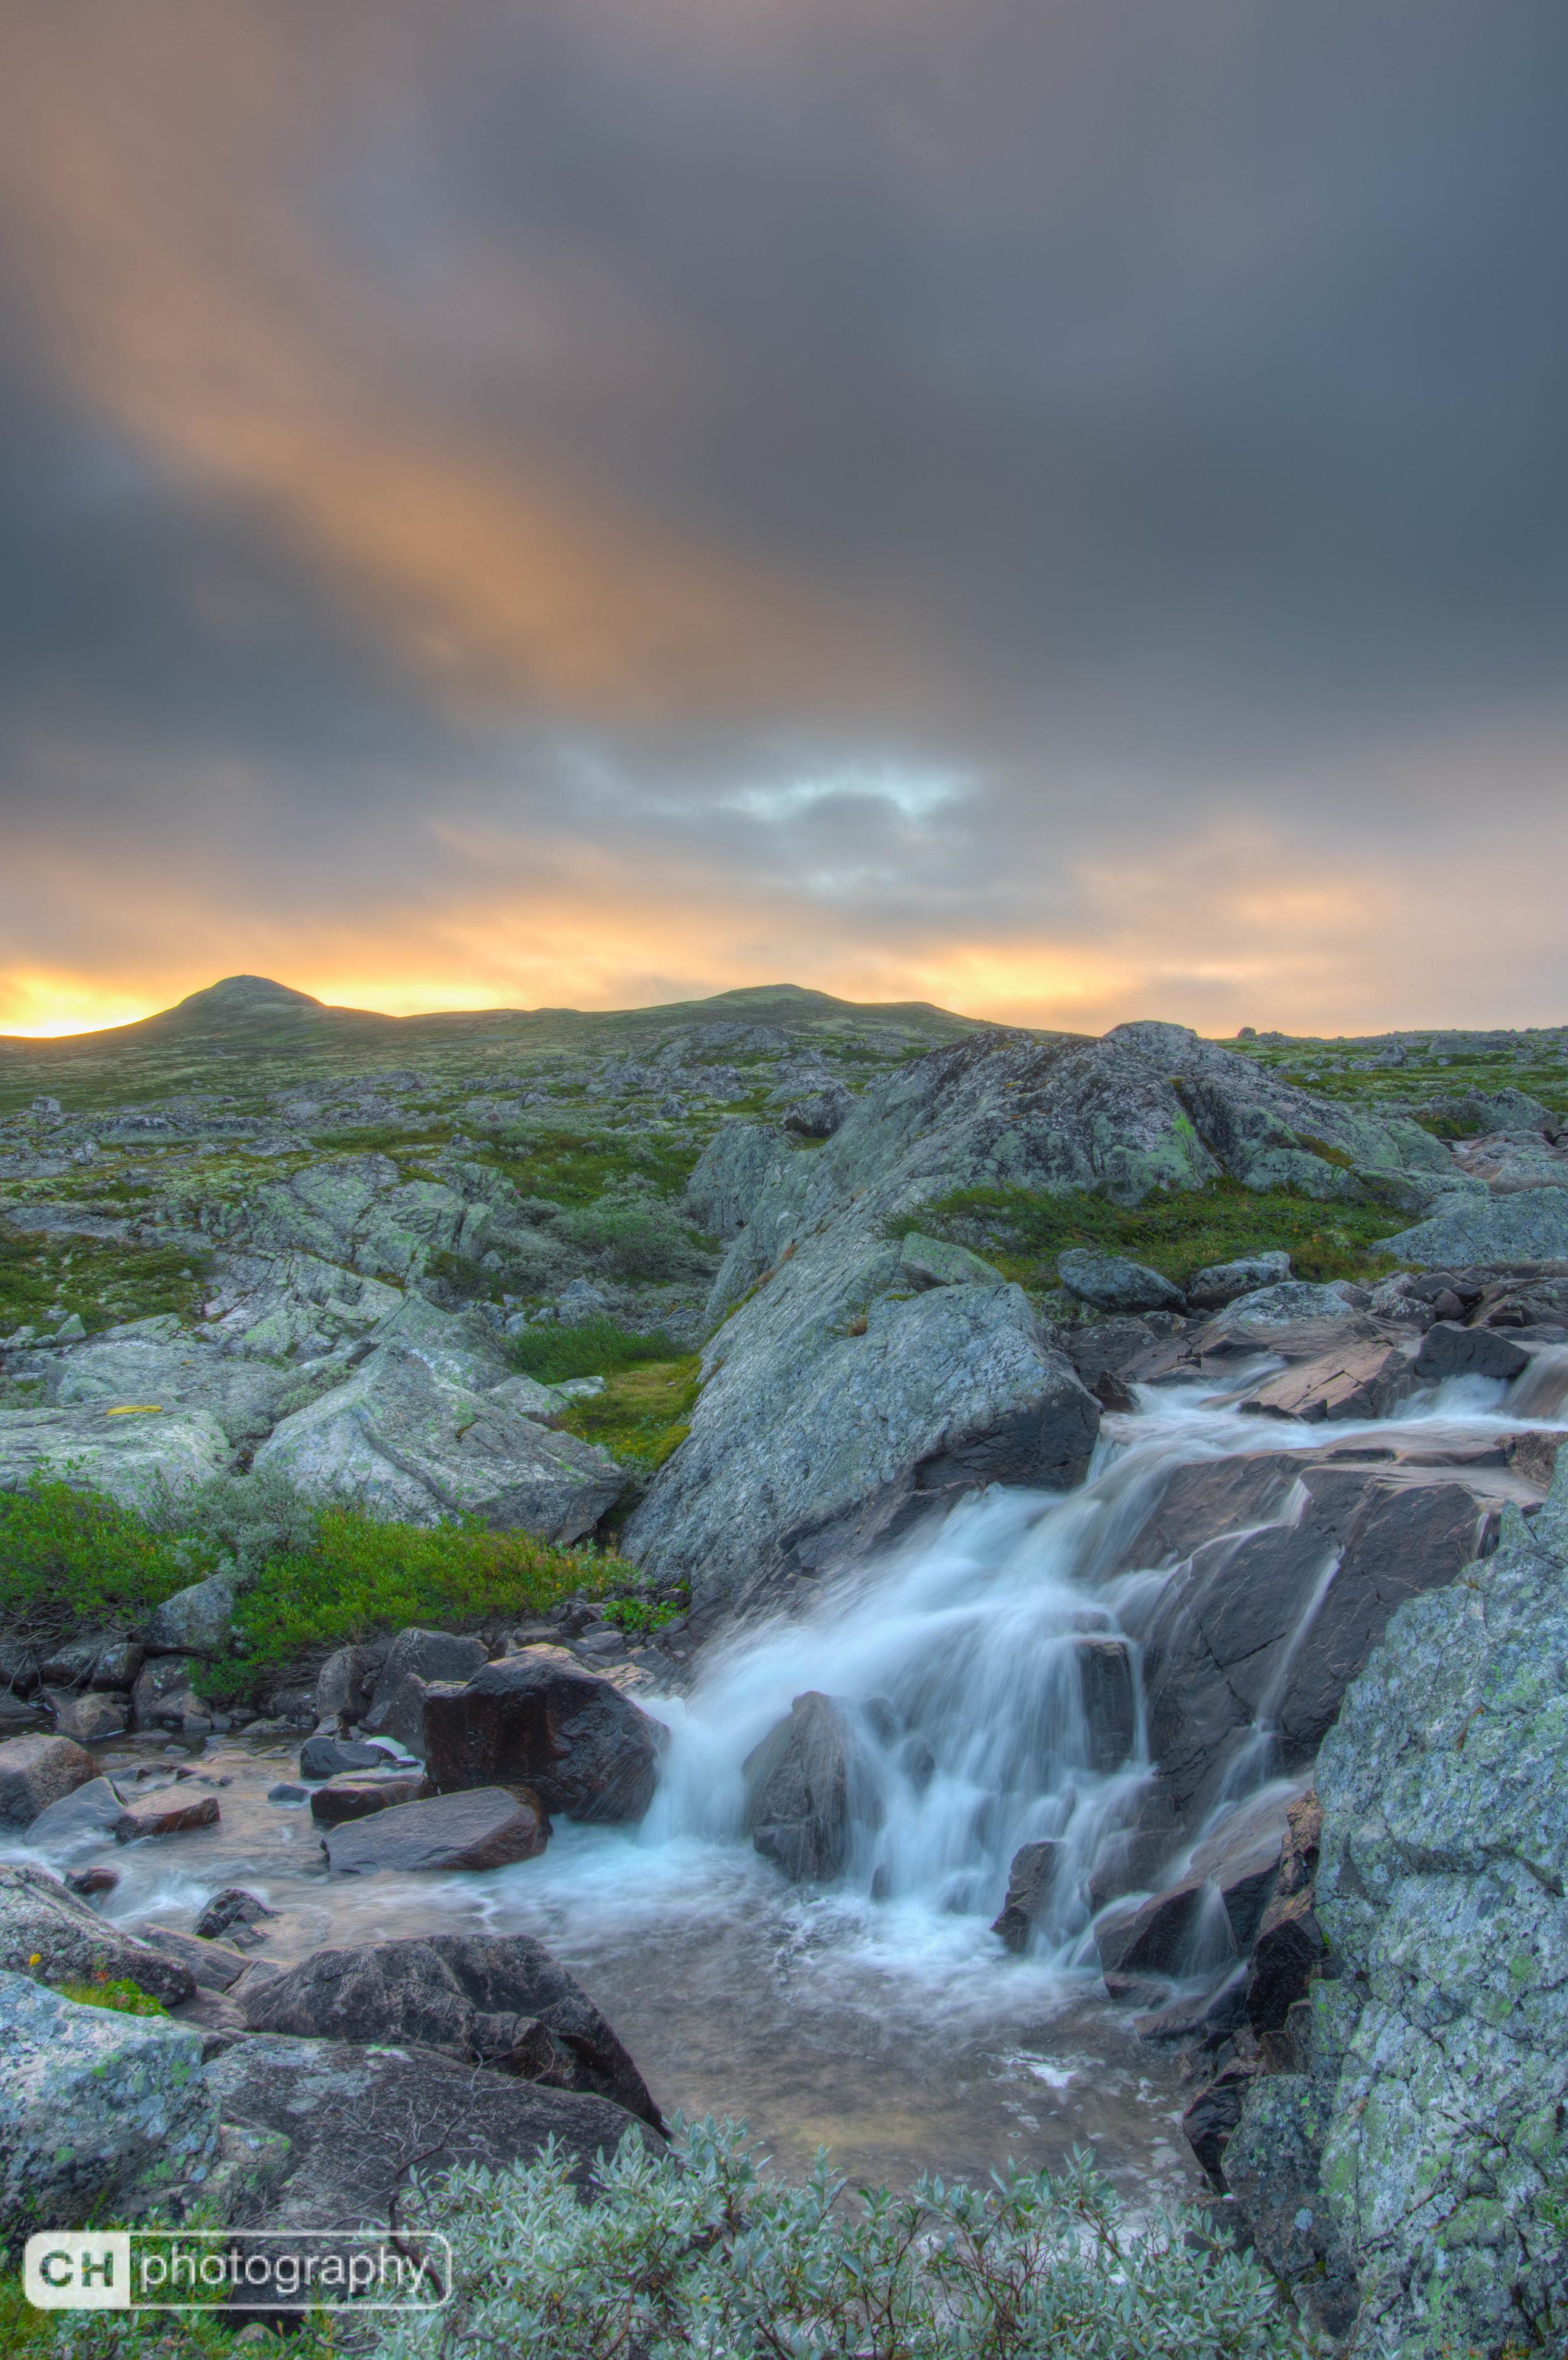 Sunrise at Hardangervidda